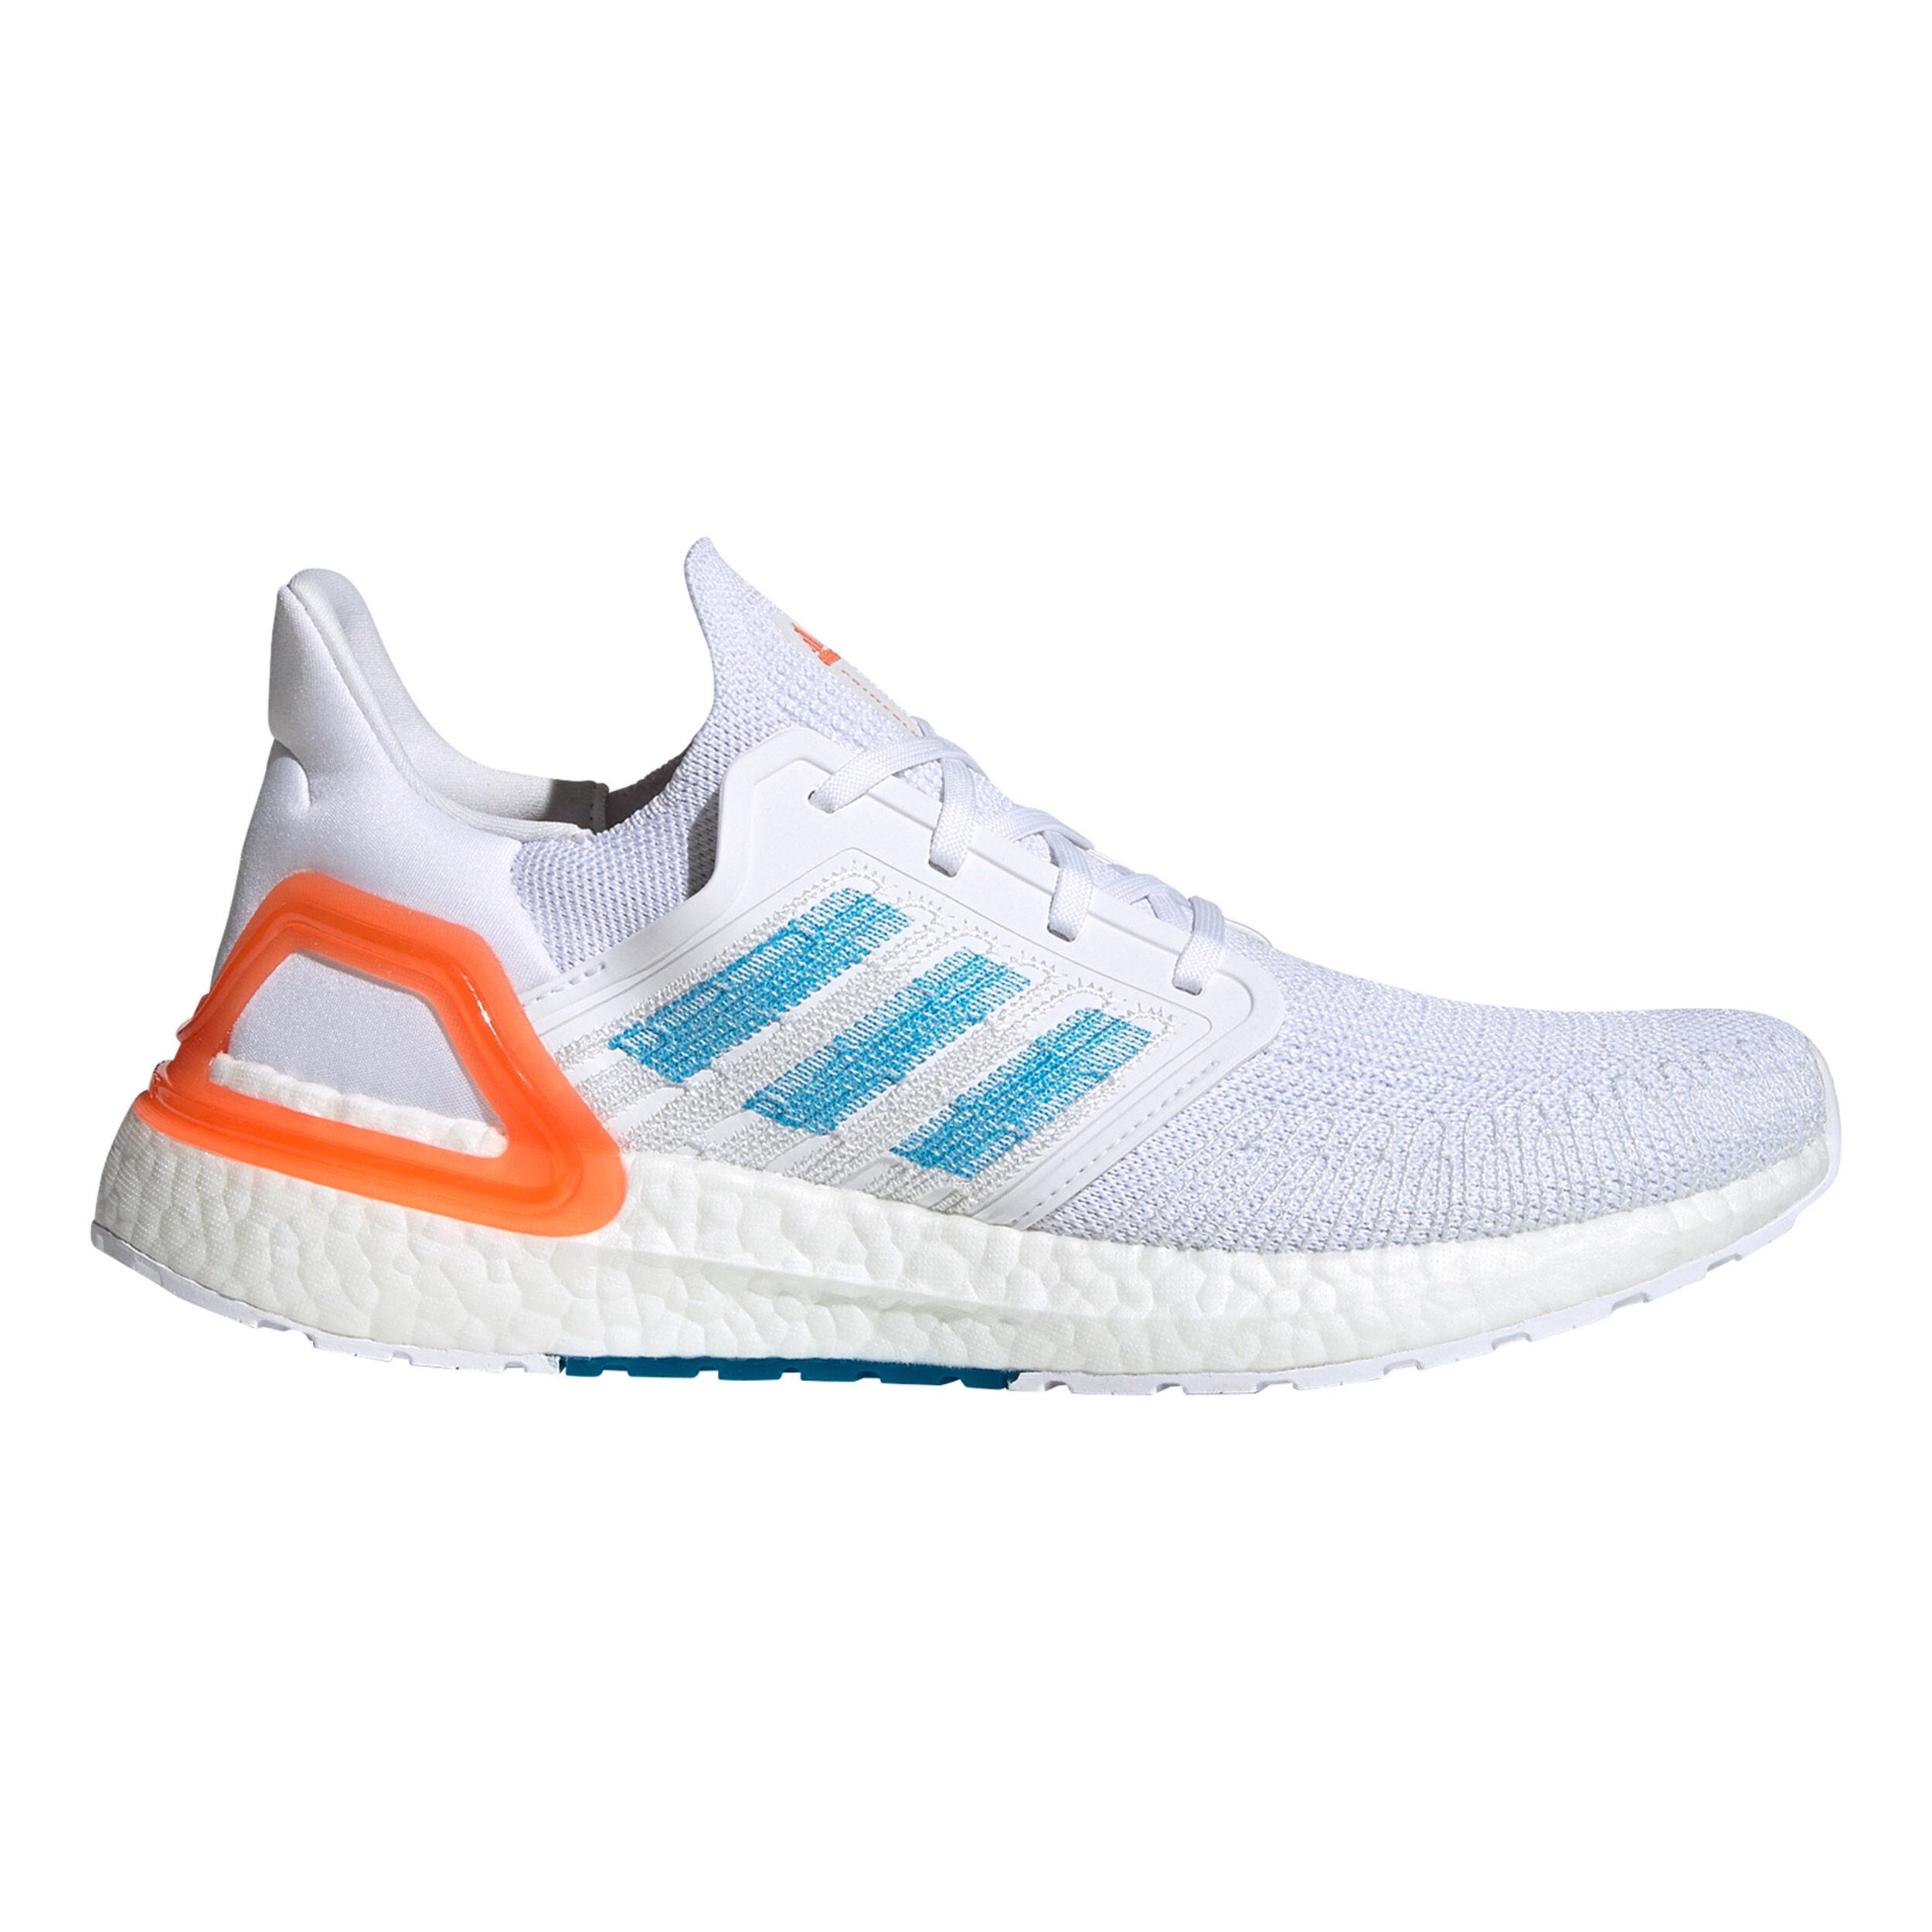 Chaussures de running pour Hommes acheter en ligne | Jogging